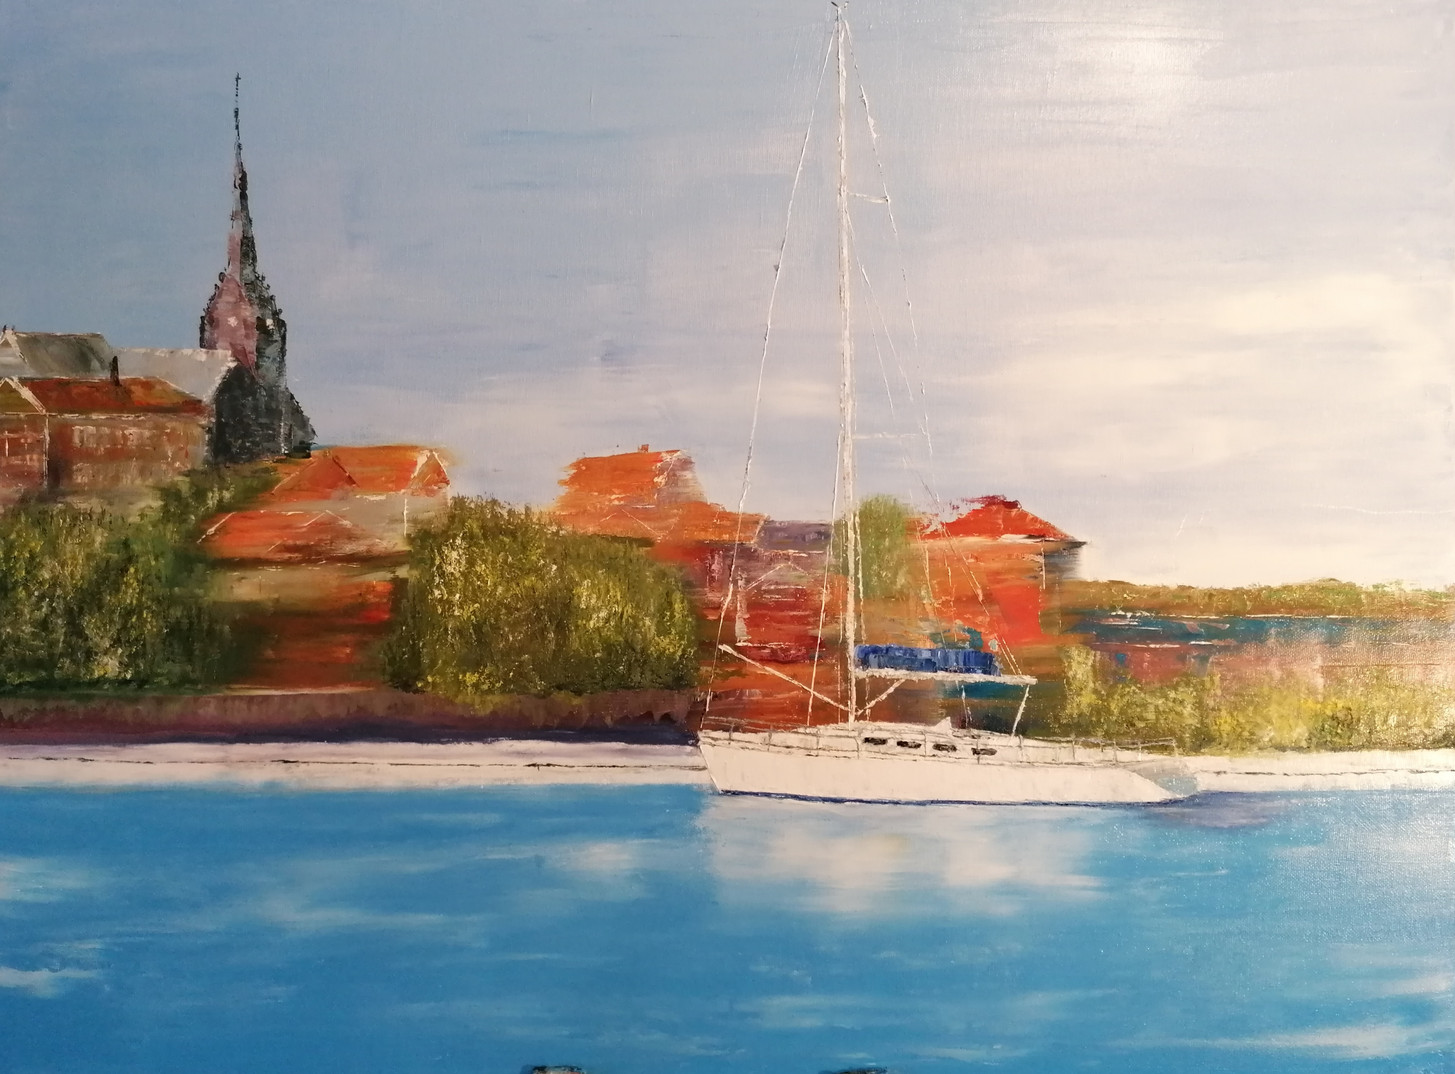 'Moored boat, Sweden'